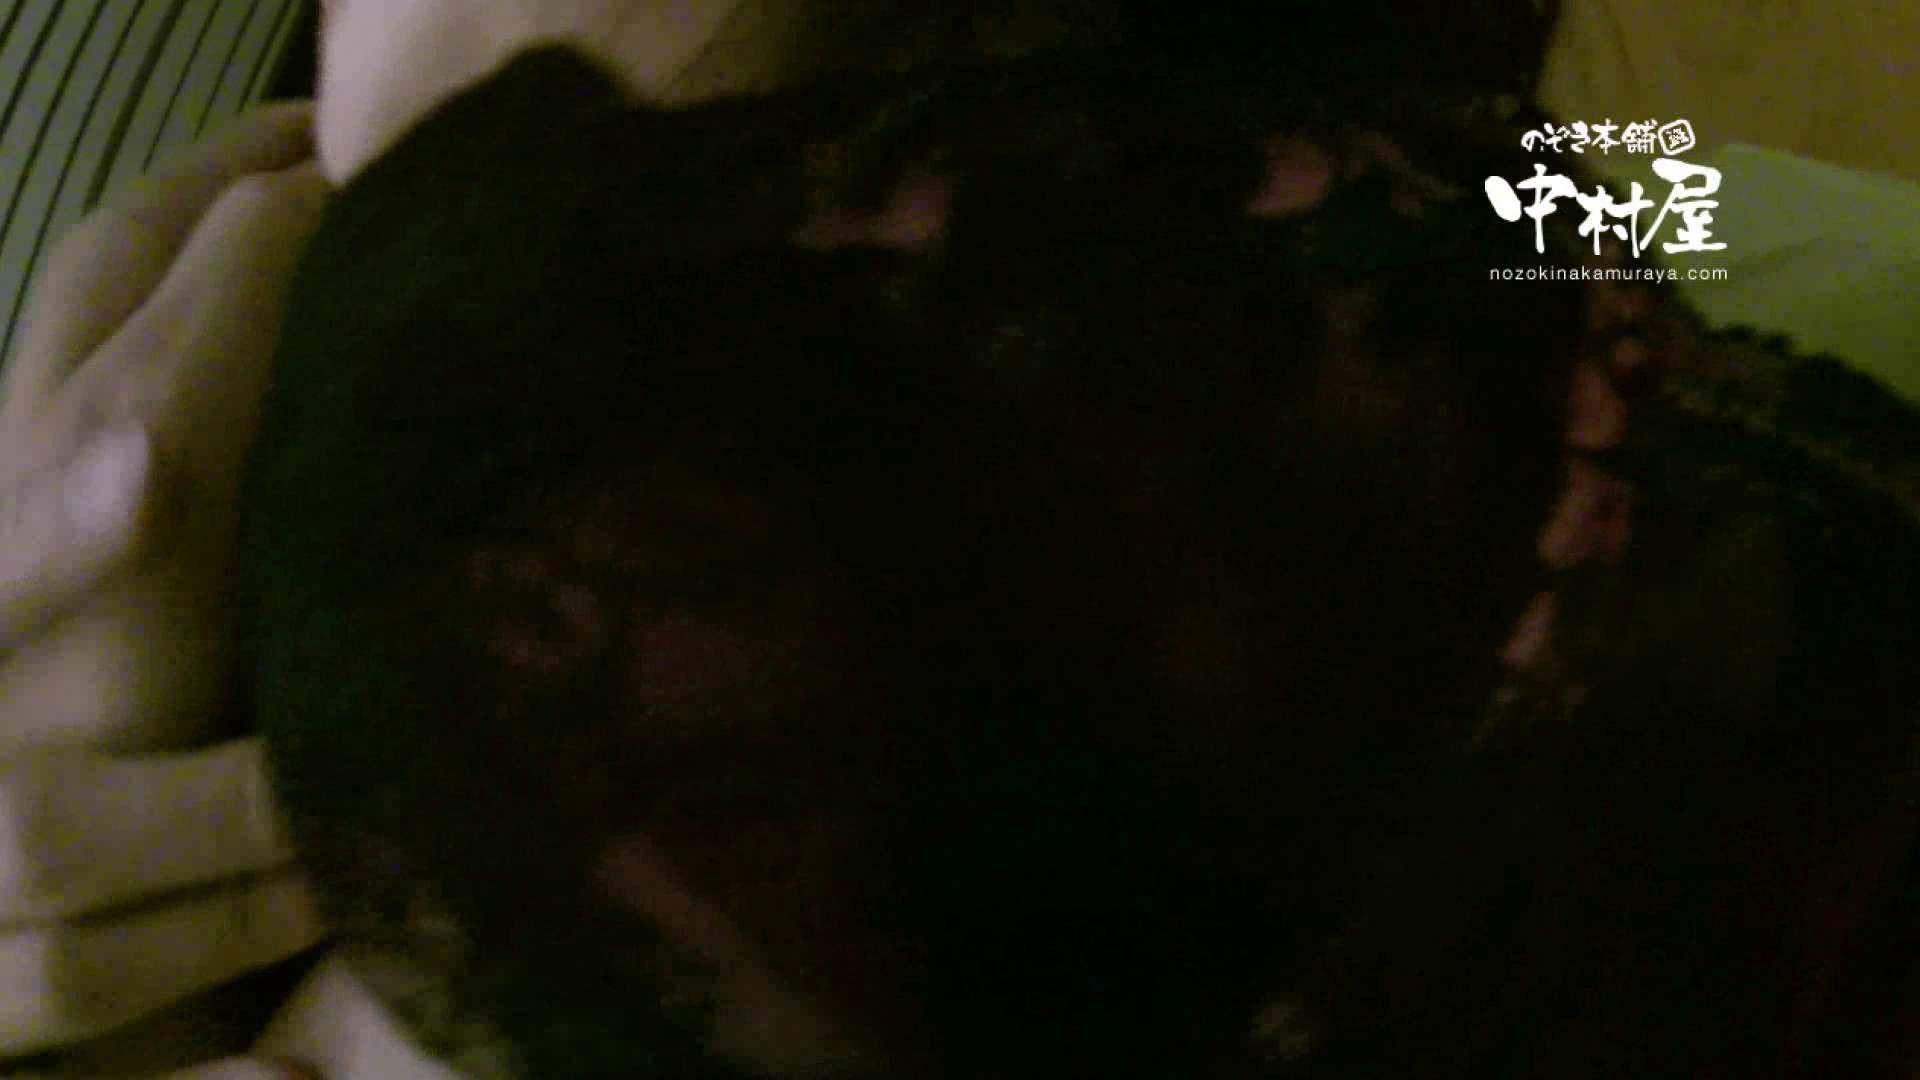 鬼畜 vol.17 中に出さないでください(アニメ声で懇願) 後編 鬼畜 ヌード画像 97連発 75